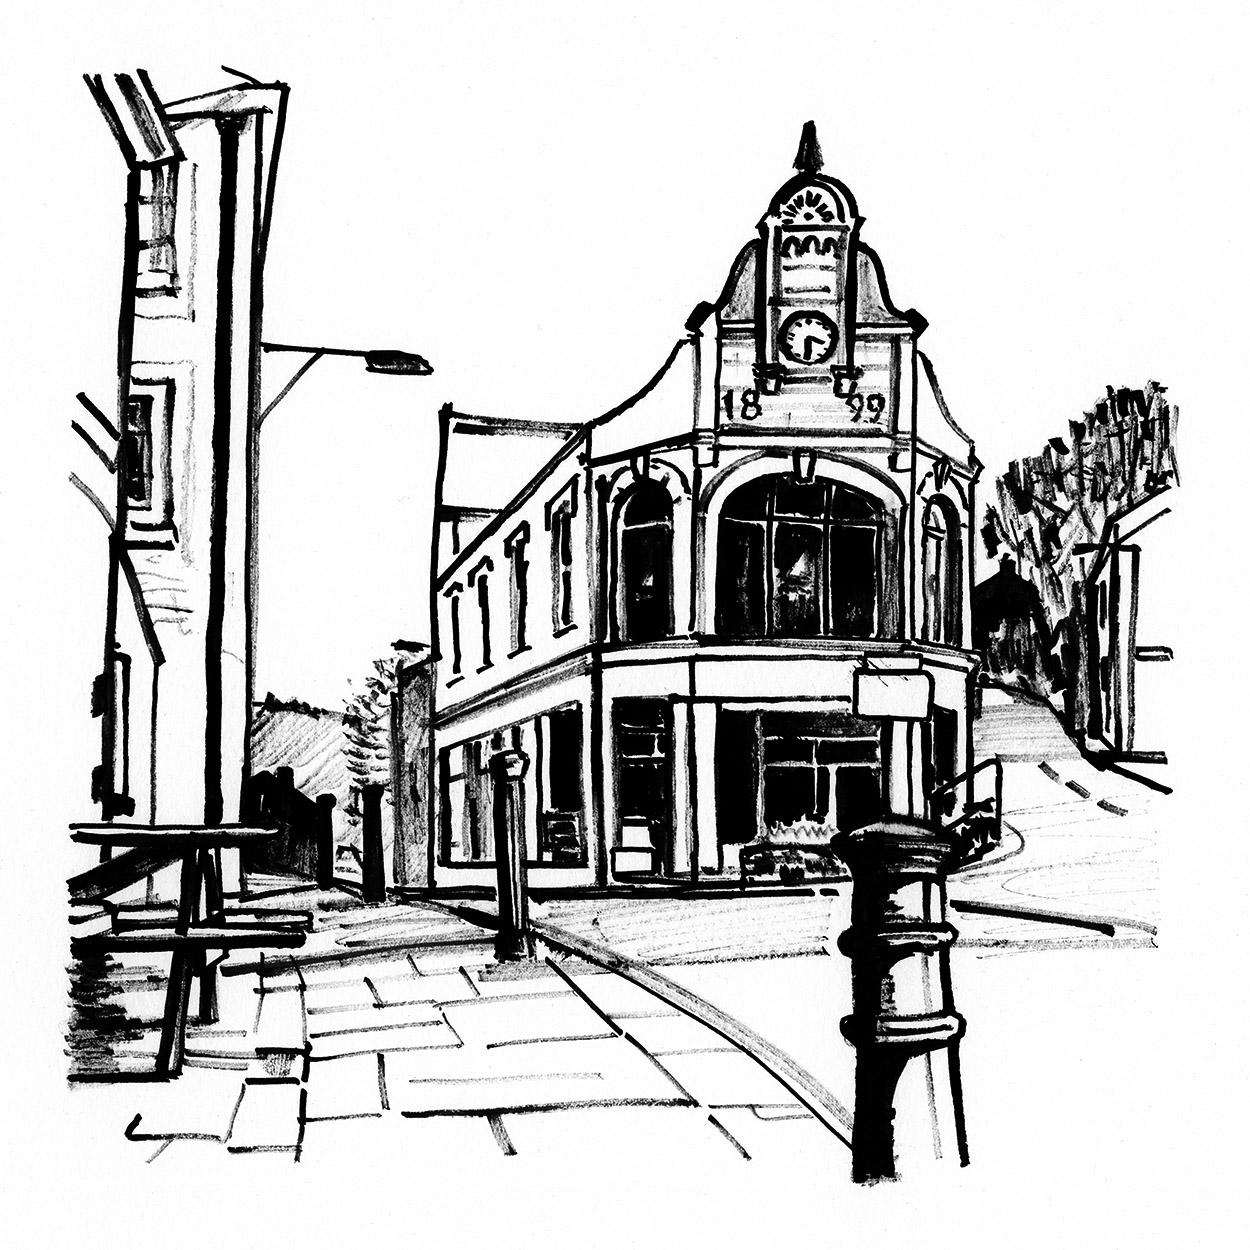 Millgate Arts Centre, Delph